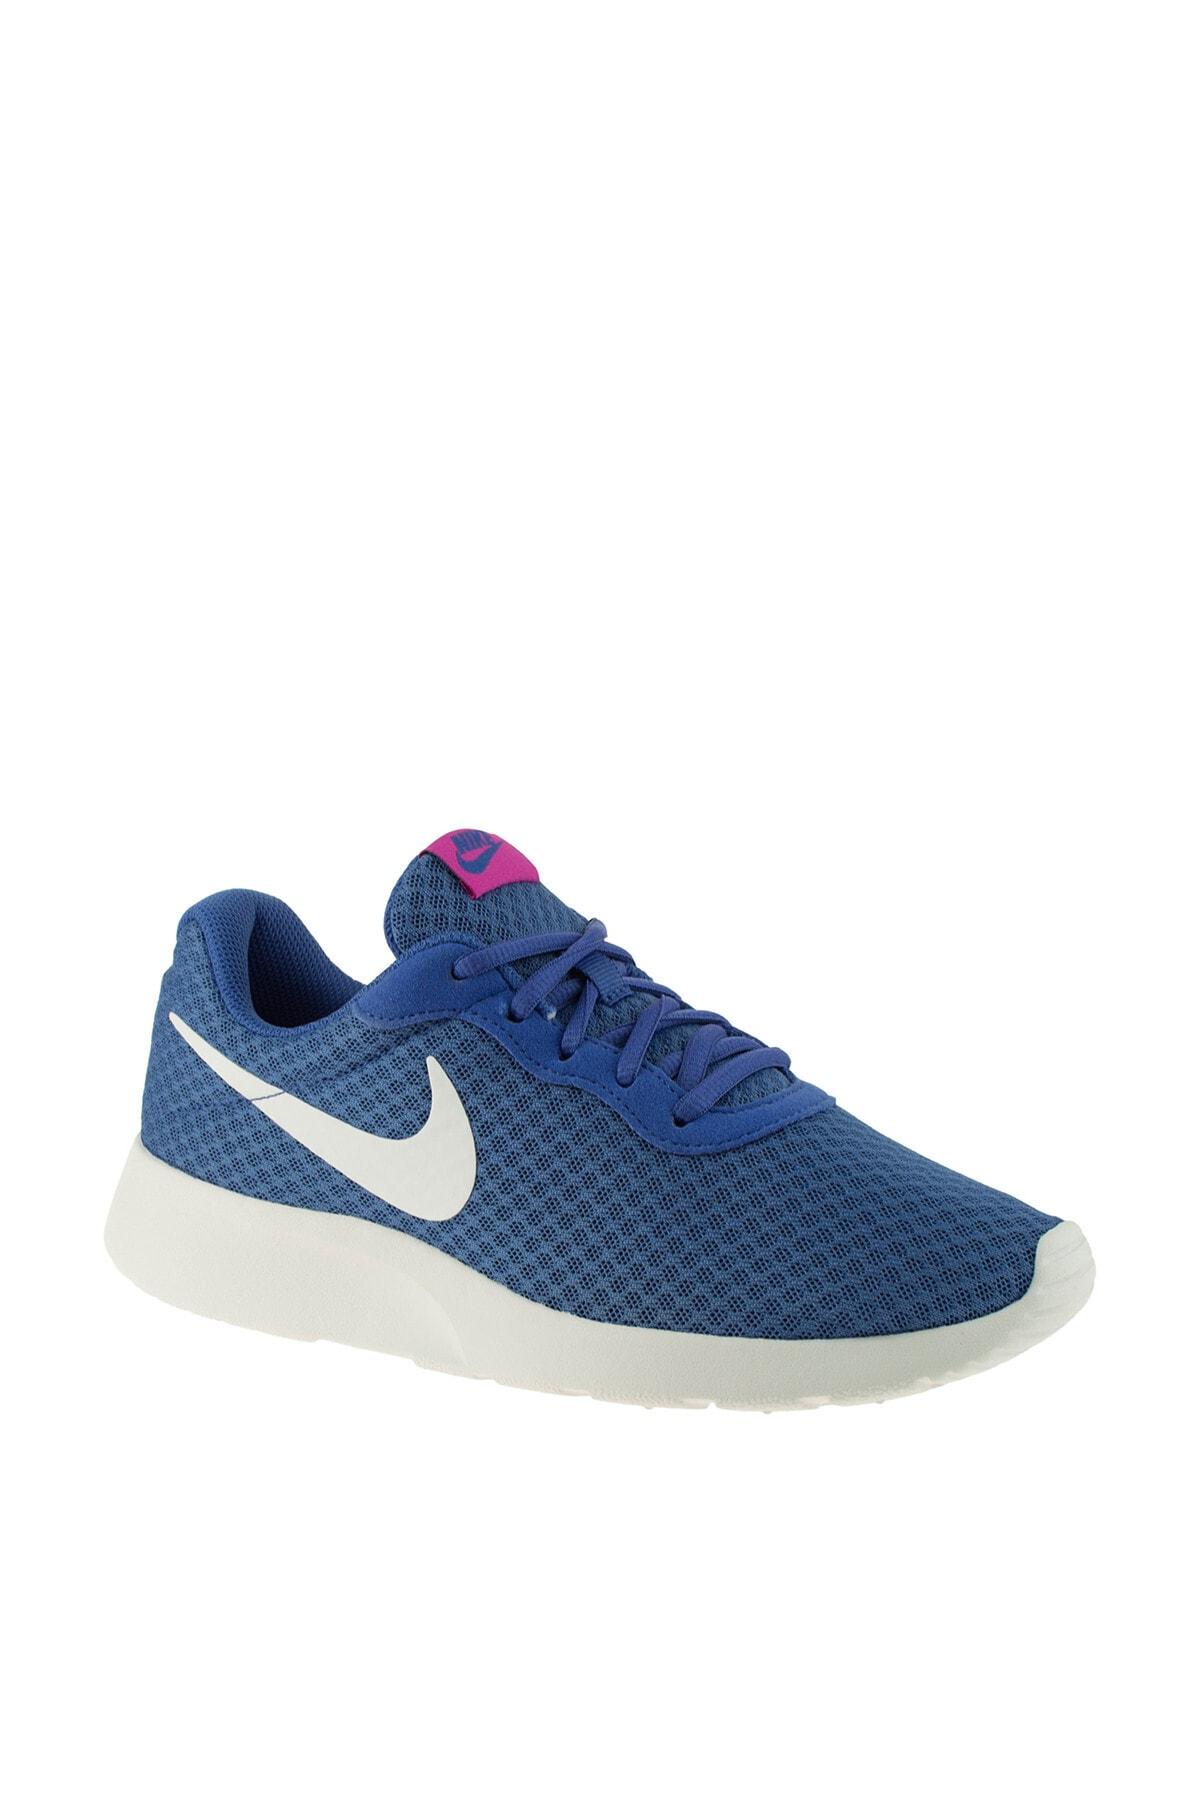 Nike Kadın Koşu Ayakkabısı - Tanjun - 812655-403 1